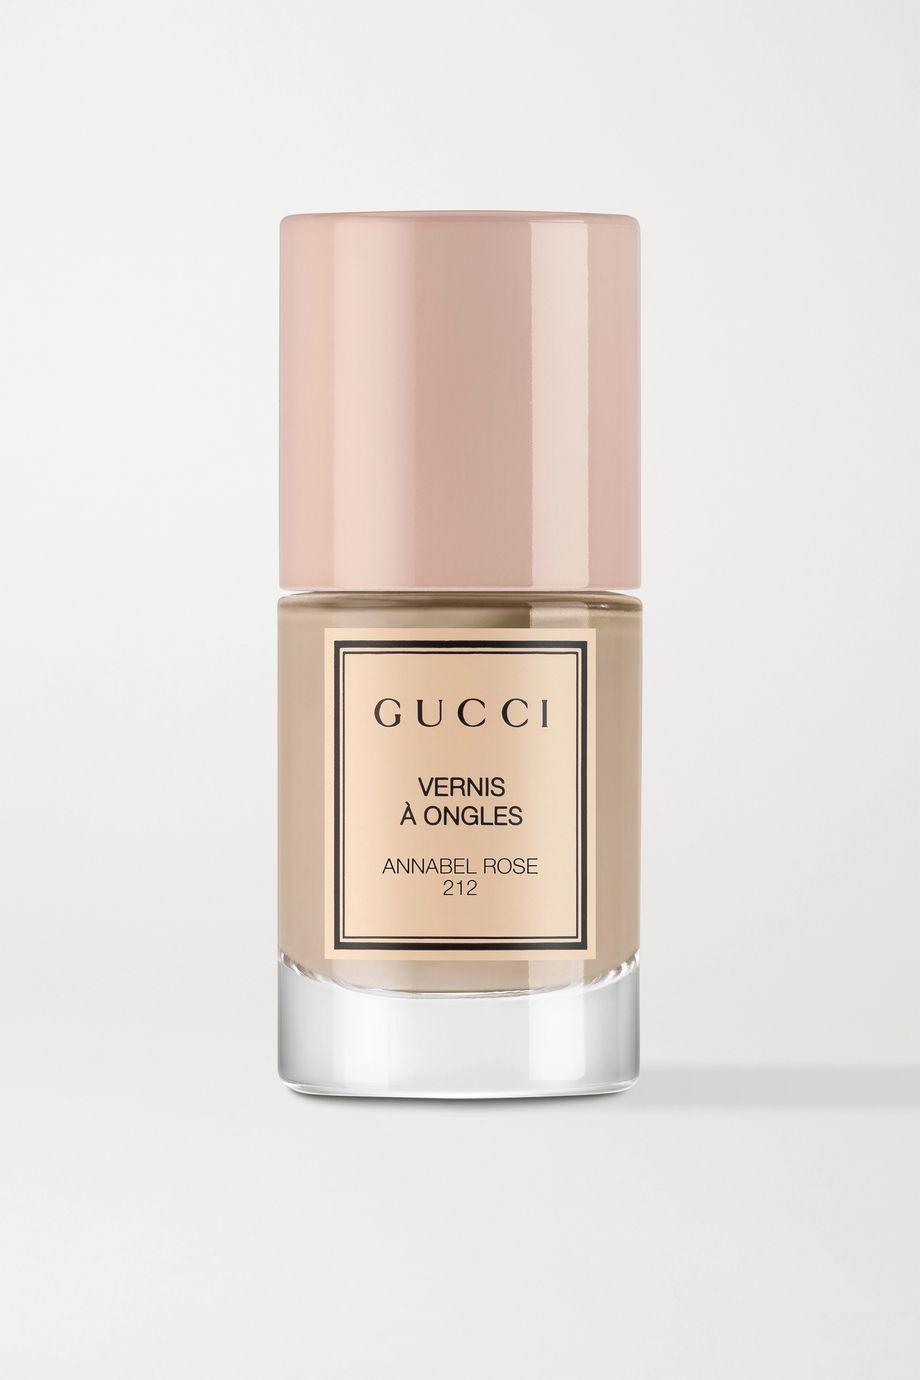 Gucci Beauty Nail Polish - Annabel Rose 212